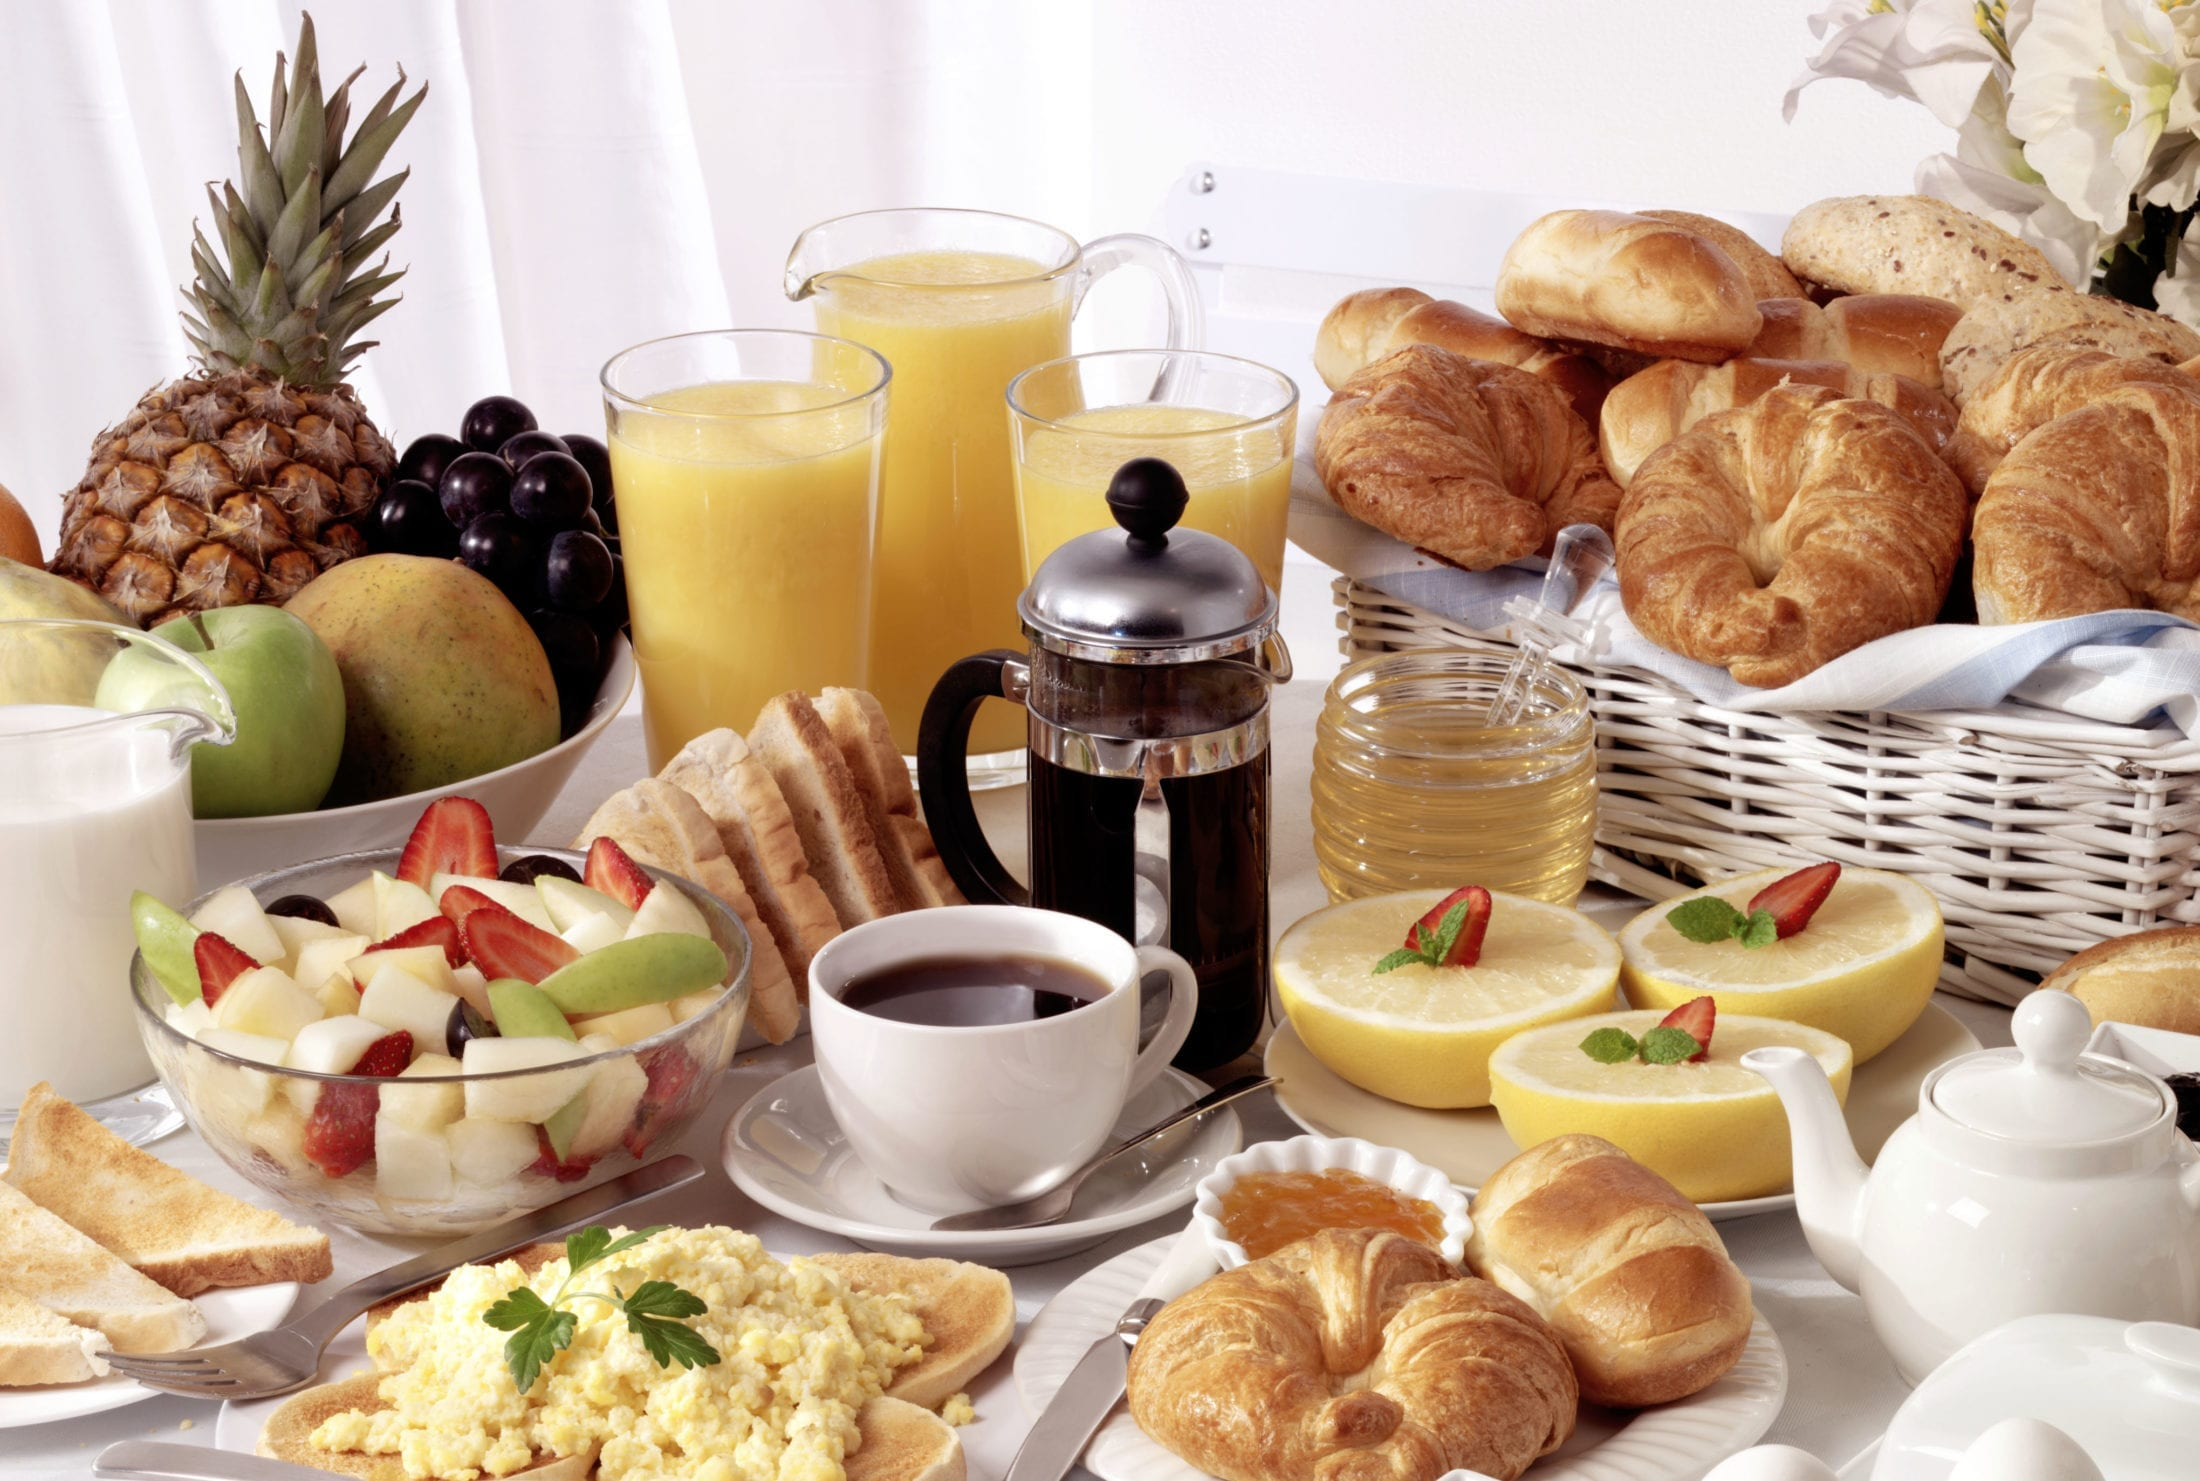 Frühstücksangebot von Saviva - CafetierSuisse